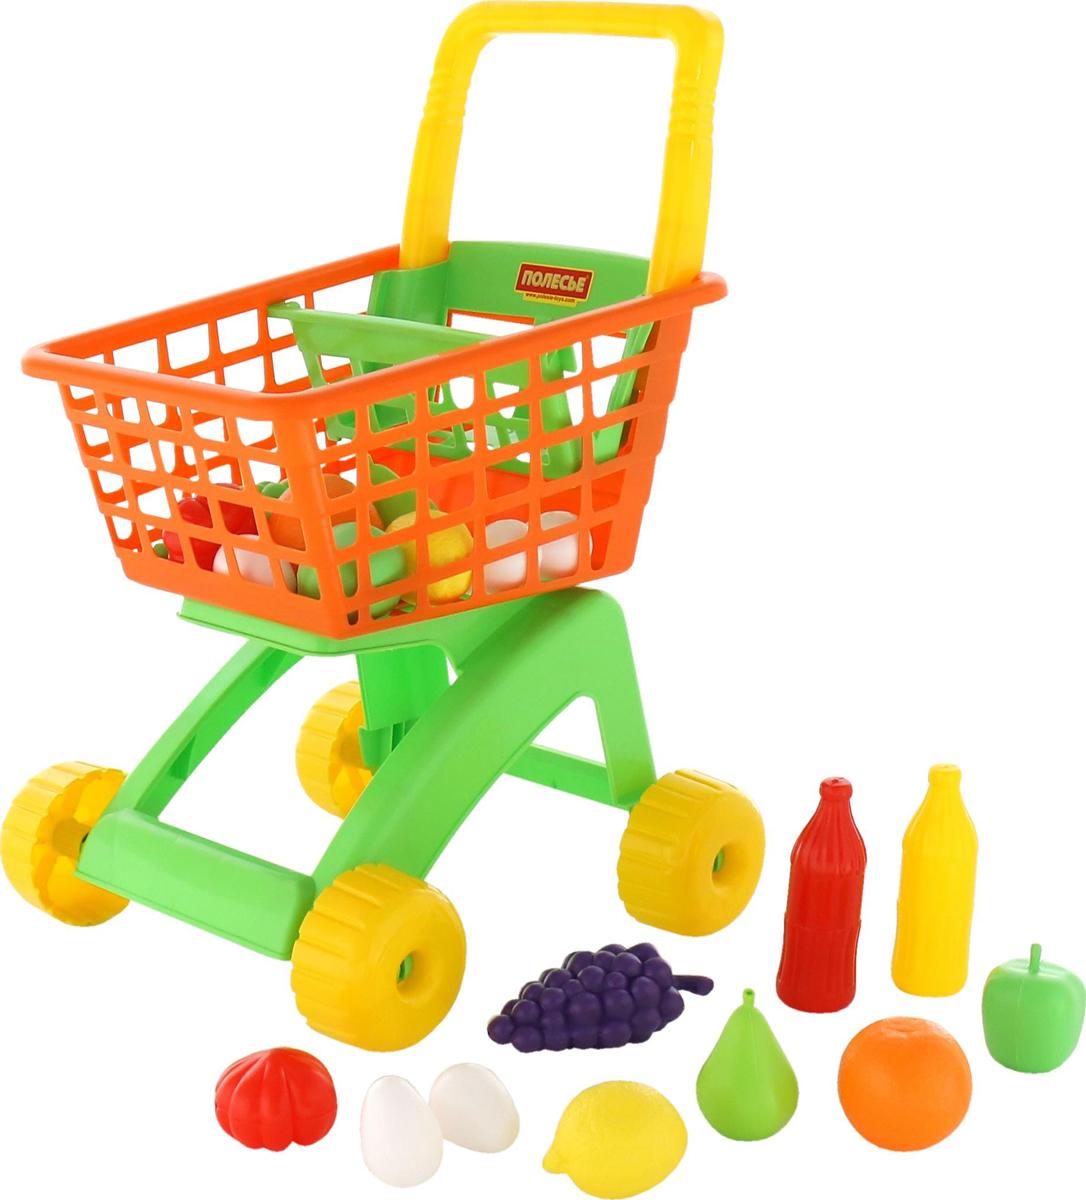 Полесье Игрушечная тележка для магазина набор продуктов № 6 19 предметов